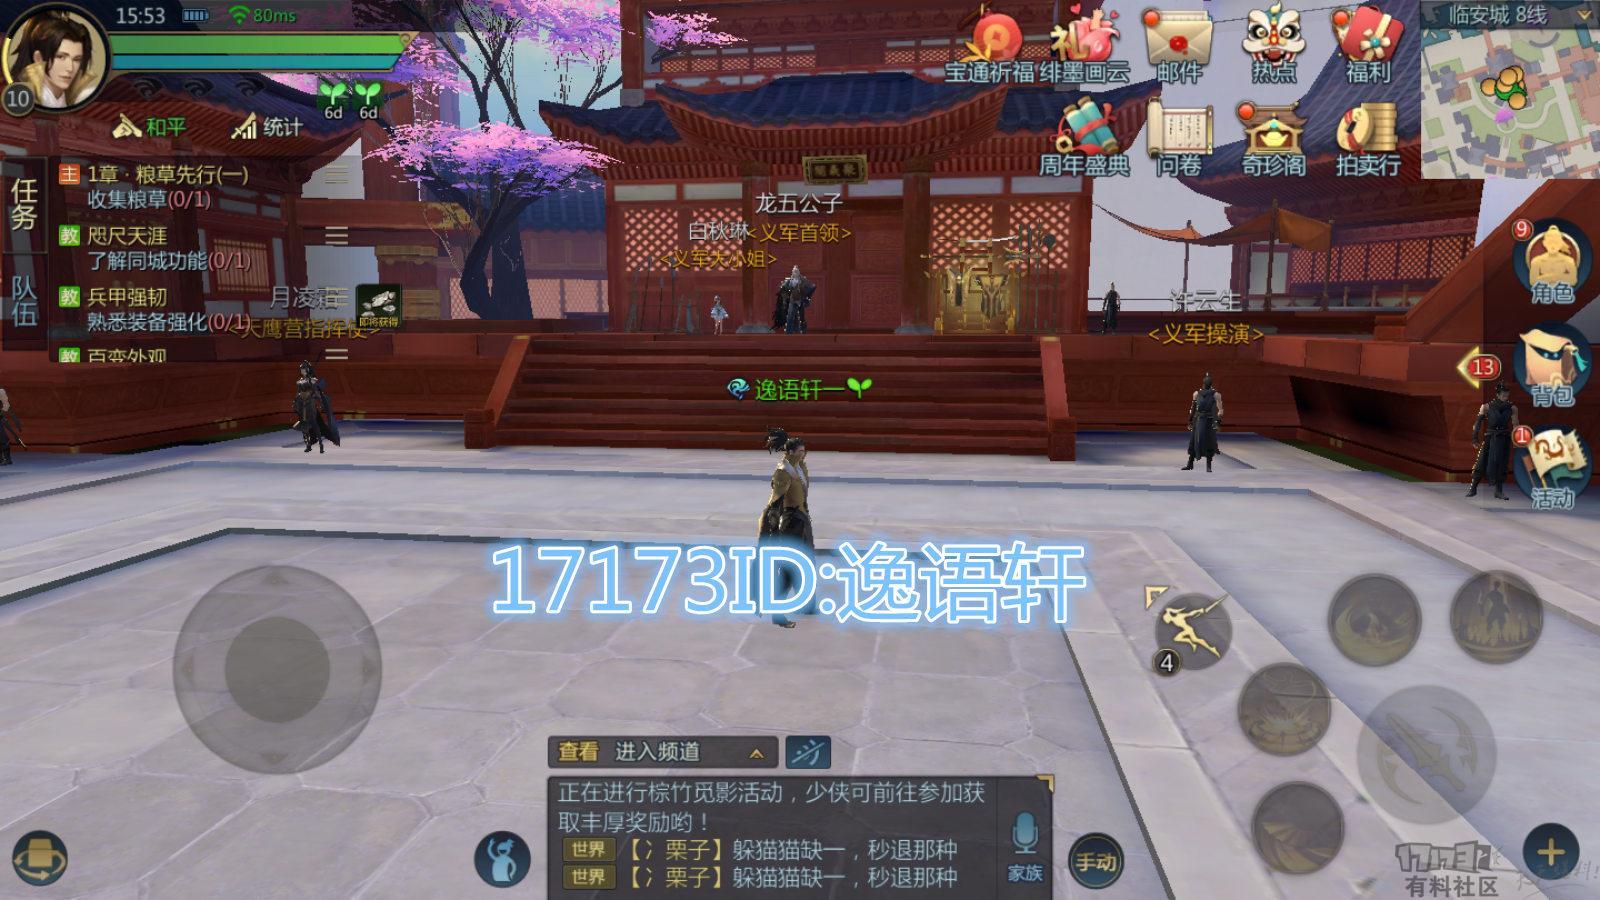 Screenshot_2019-07-04-15-54-42_副本.jpg